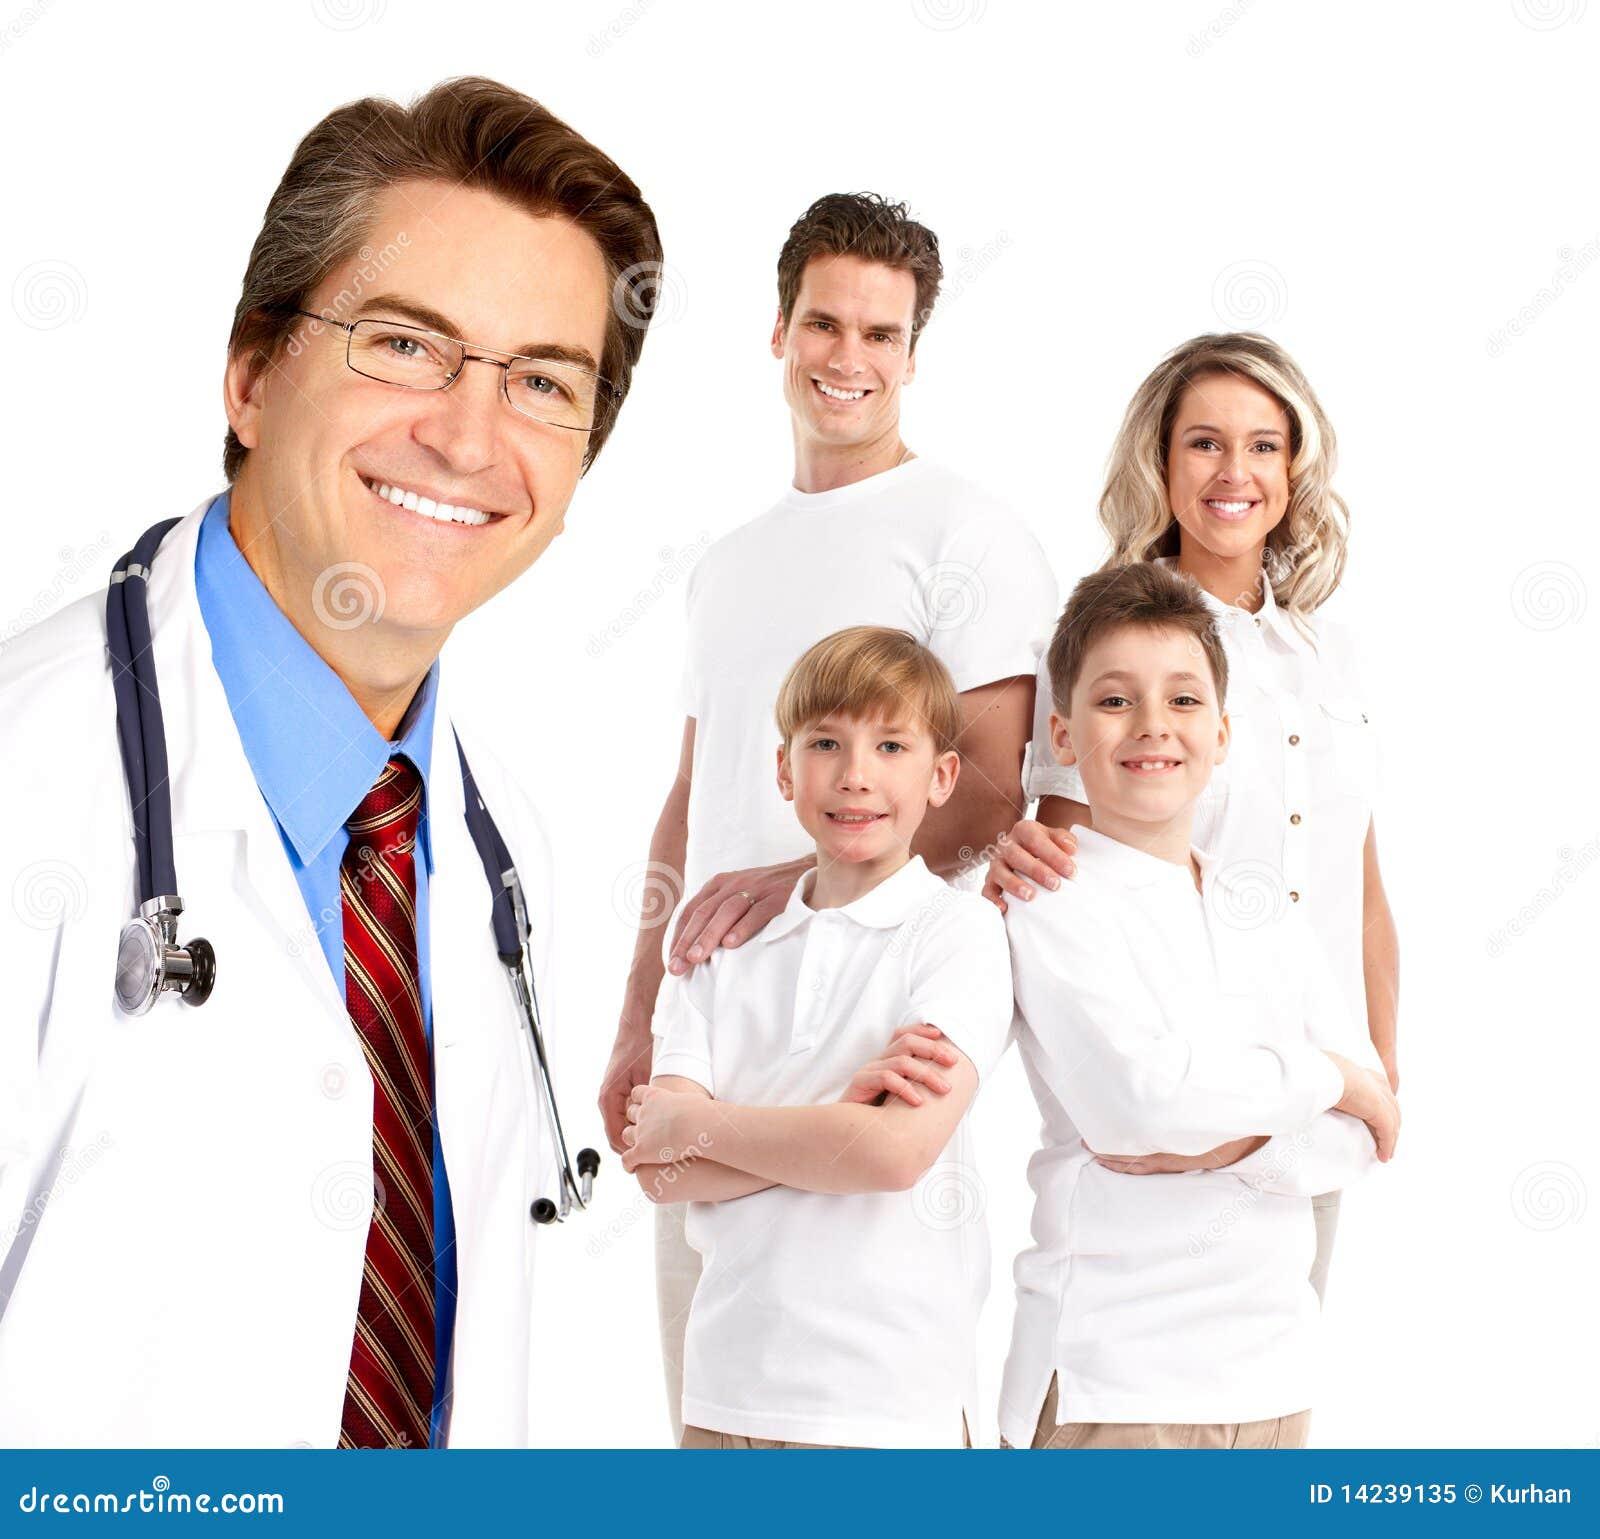 Family Doctor Lexington, KY